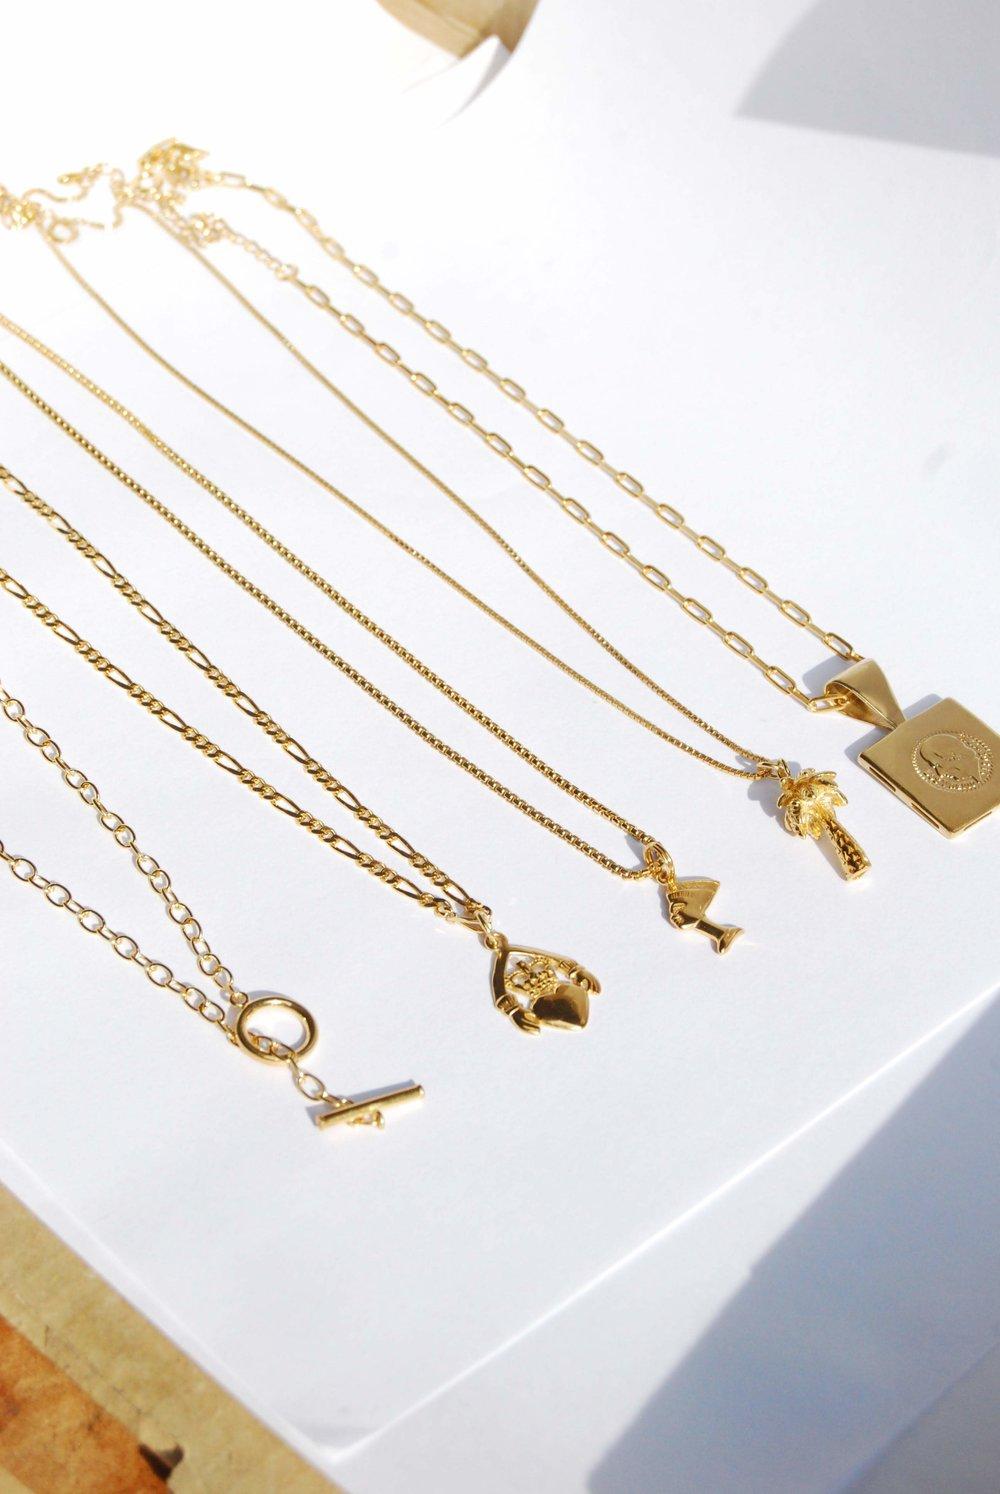 seol gold chain charms.jpg